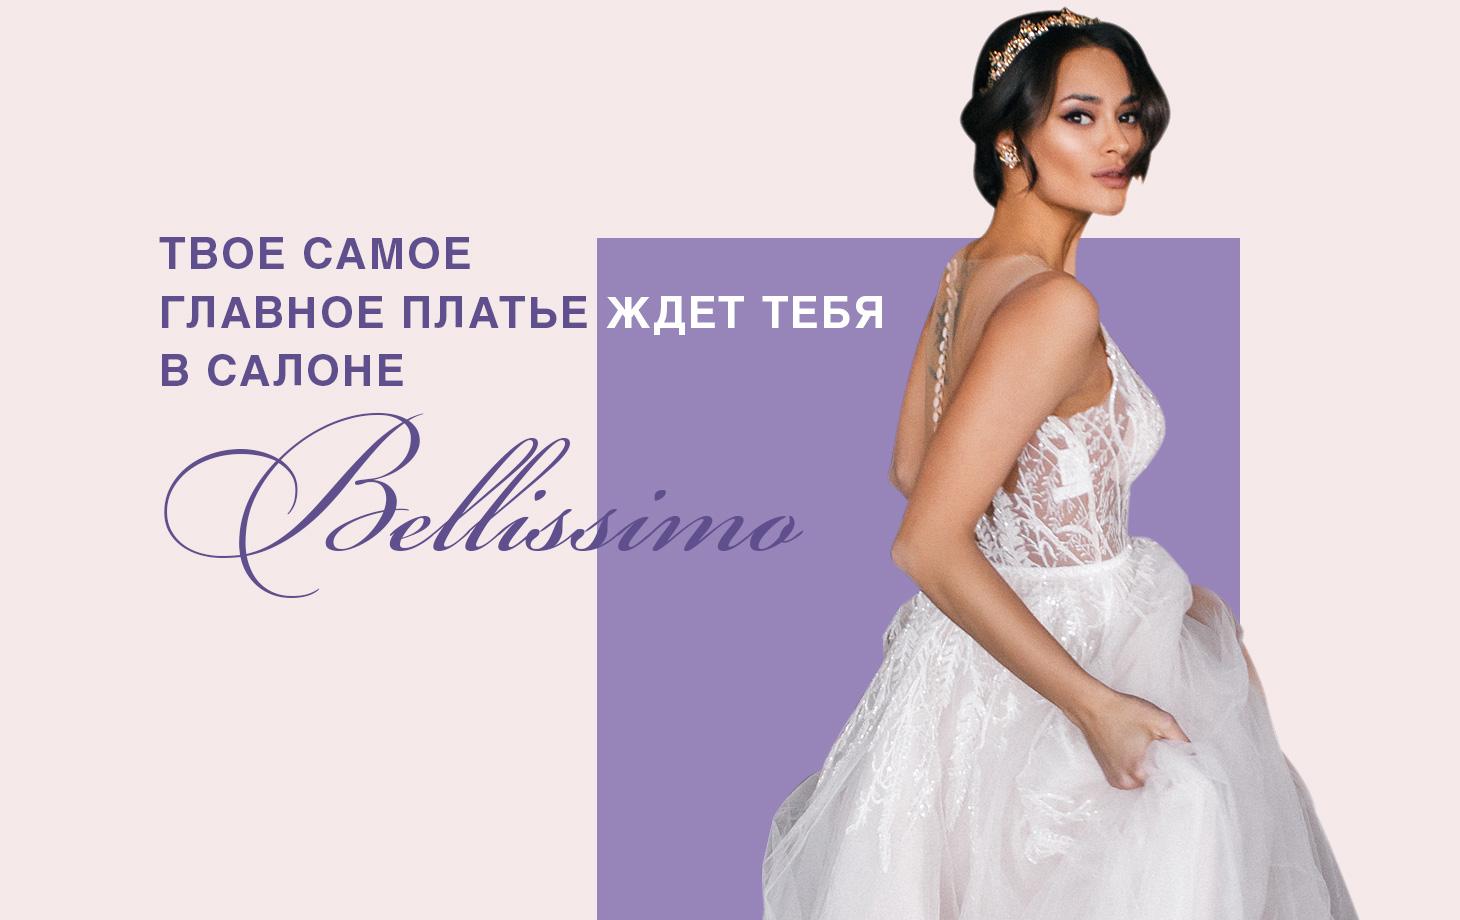 910e74cd1e4bfa4 Продажа свадебных платьев. Цена свадебного платья от 4900 рублей.  Bellissimo, +7 (495) 222-62-46